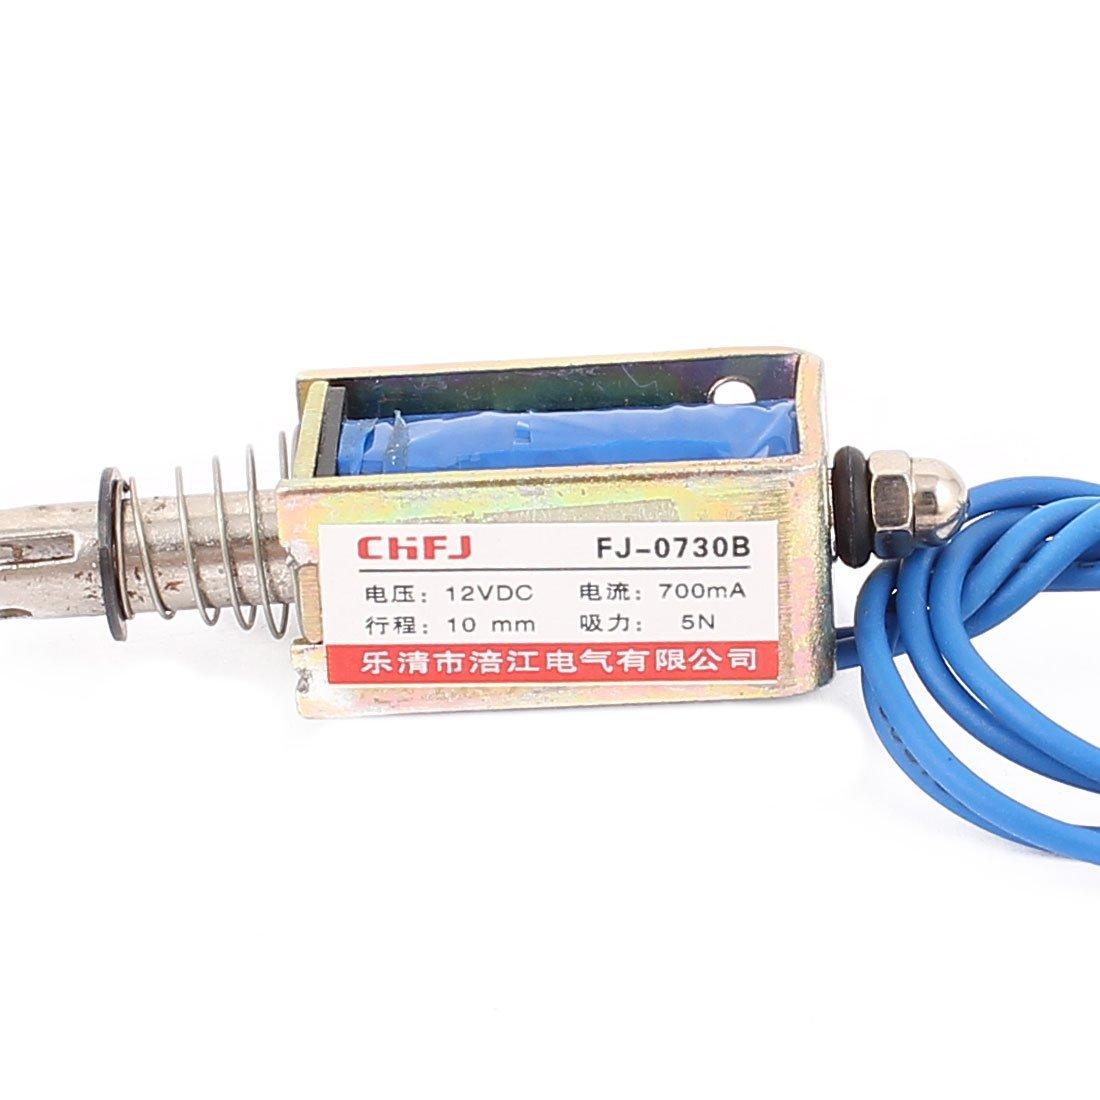 Amazon.com: eDealMax DC12V 700mA 10 millimetri 5N Primavera del carico Push Pull attuatore elettromagnete solenoide FJ-0730B: Home & Kitchen